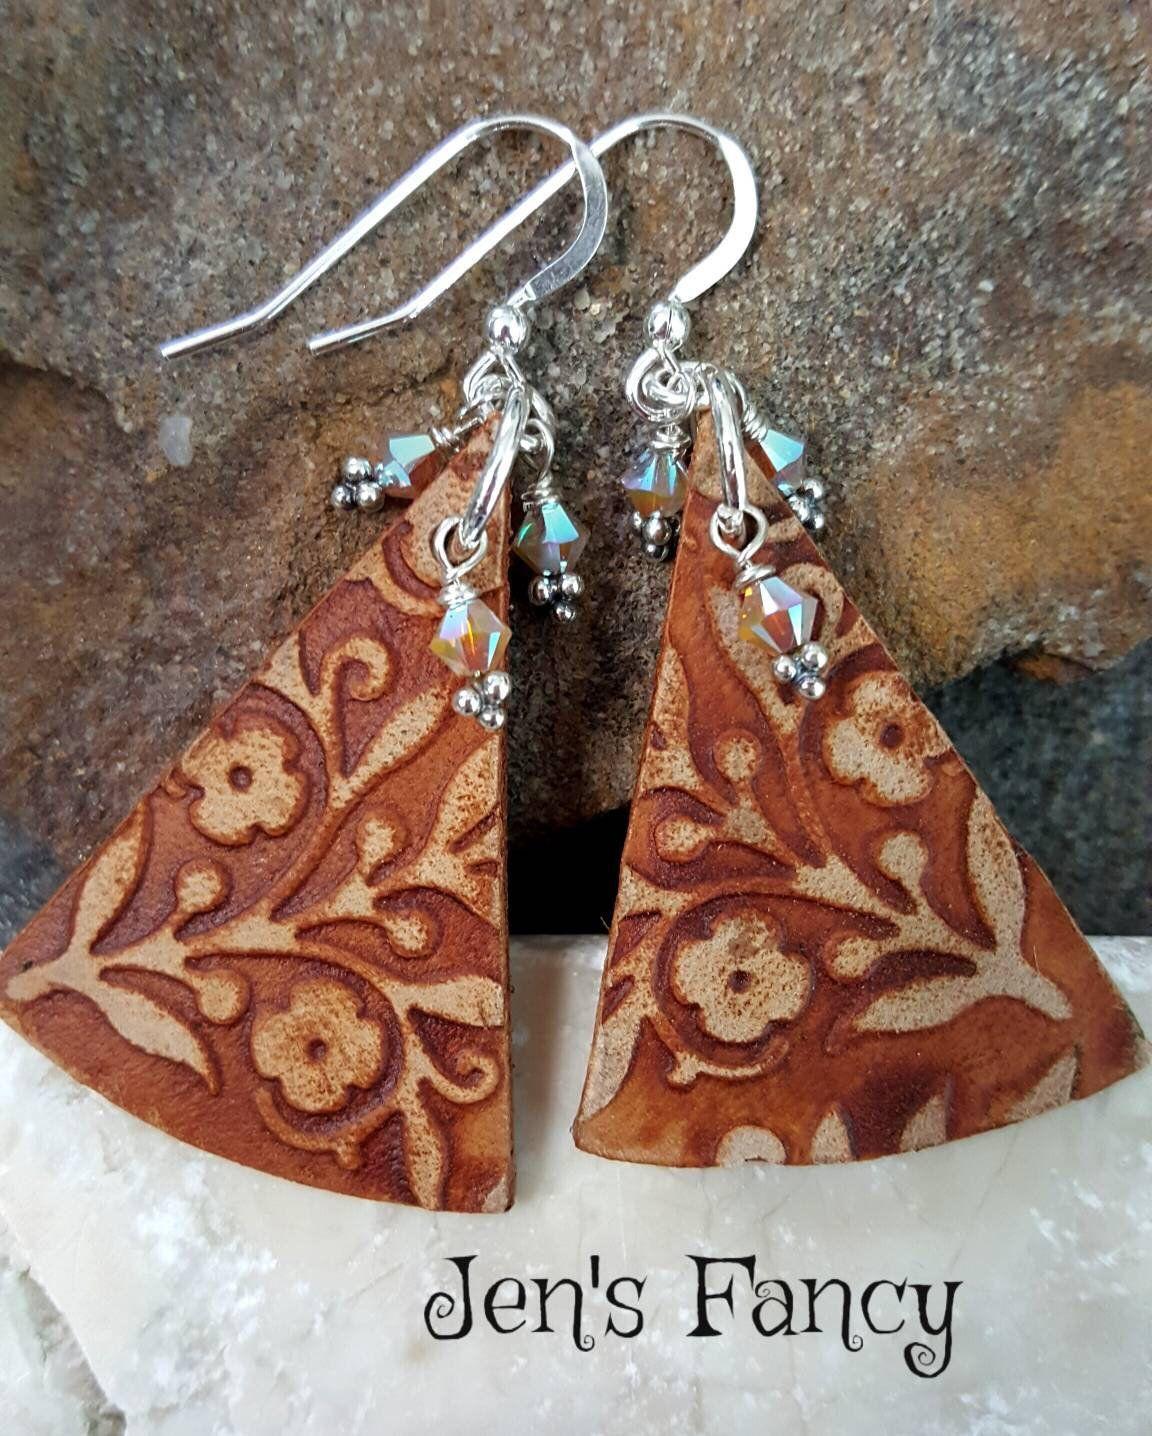 Photo of Floral Leather Earrings, Sterling Silver, Leather Jewelry, Boho Earring, Bohemian Jewelry, Gift for Her, Long Earrings, Jen's Fancy, Brown